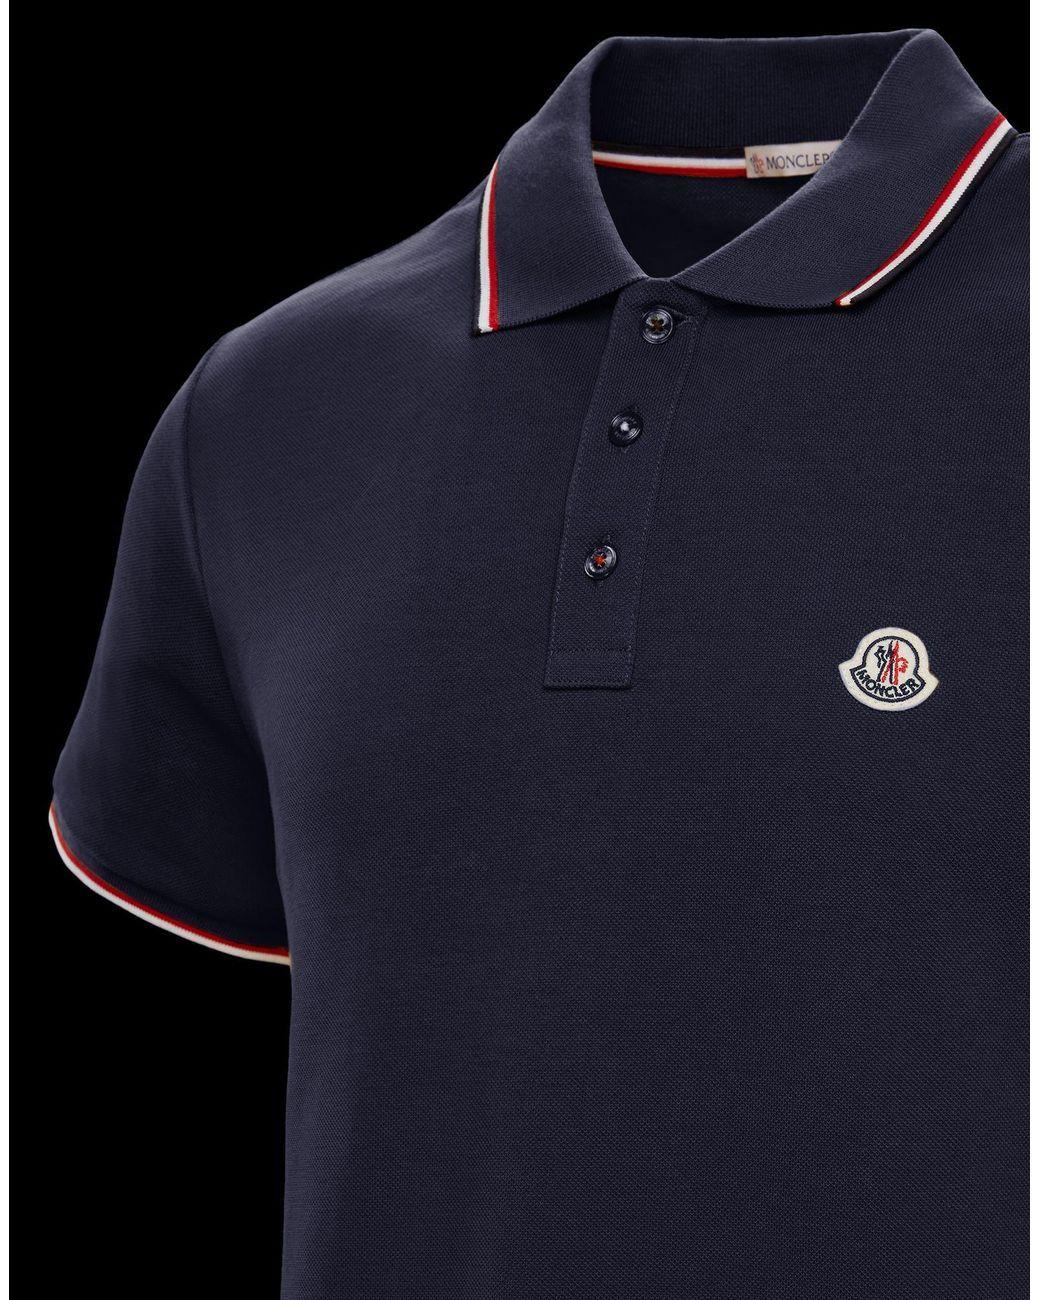 moncler polo shirt mens